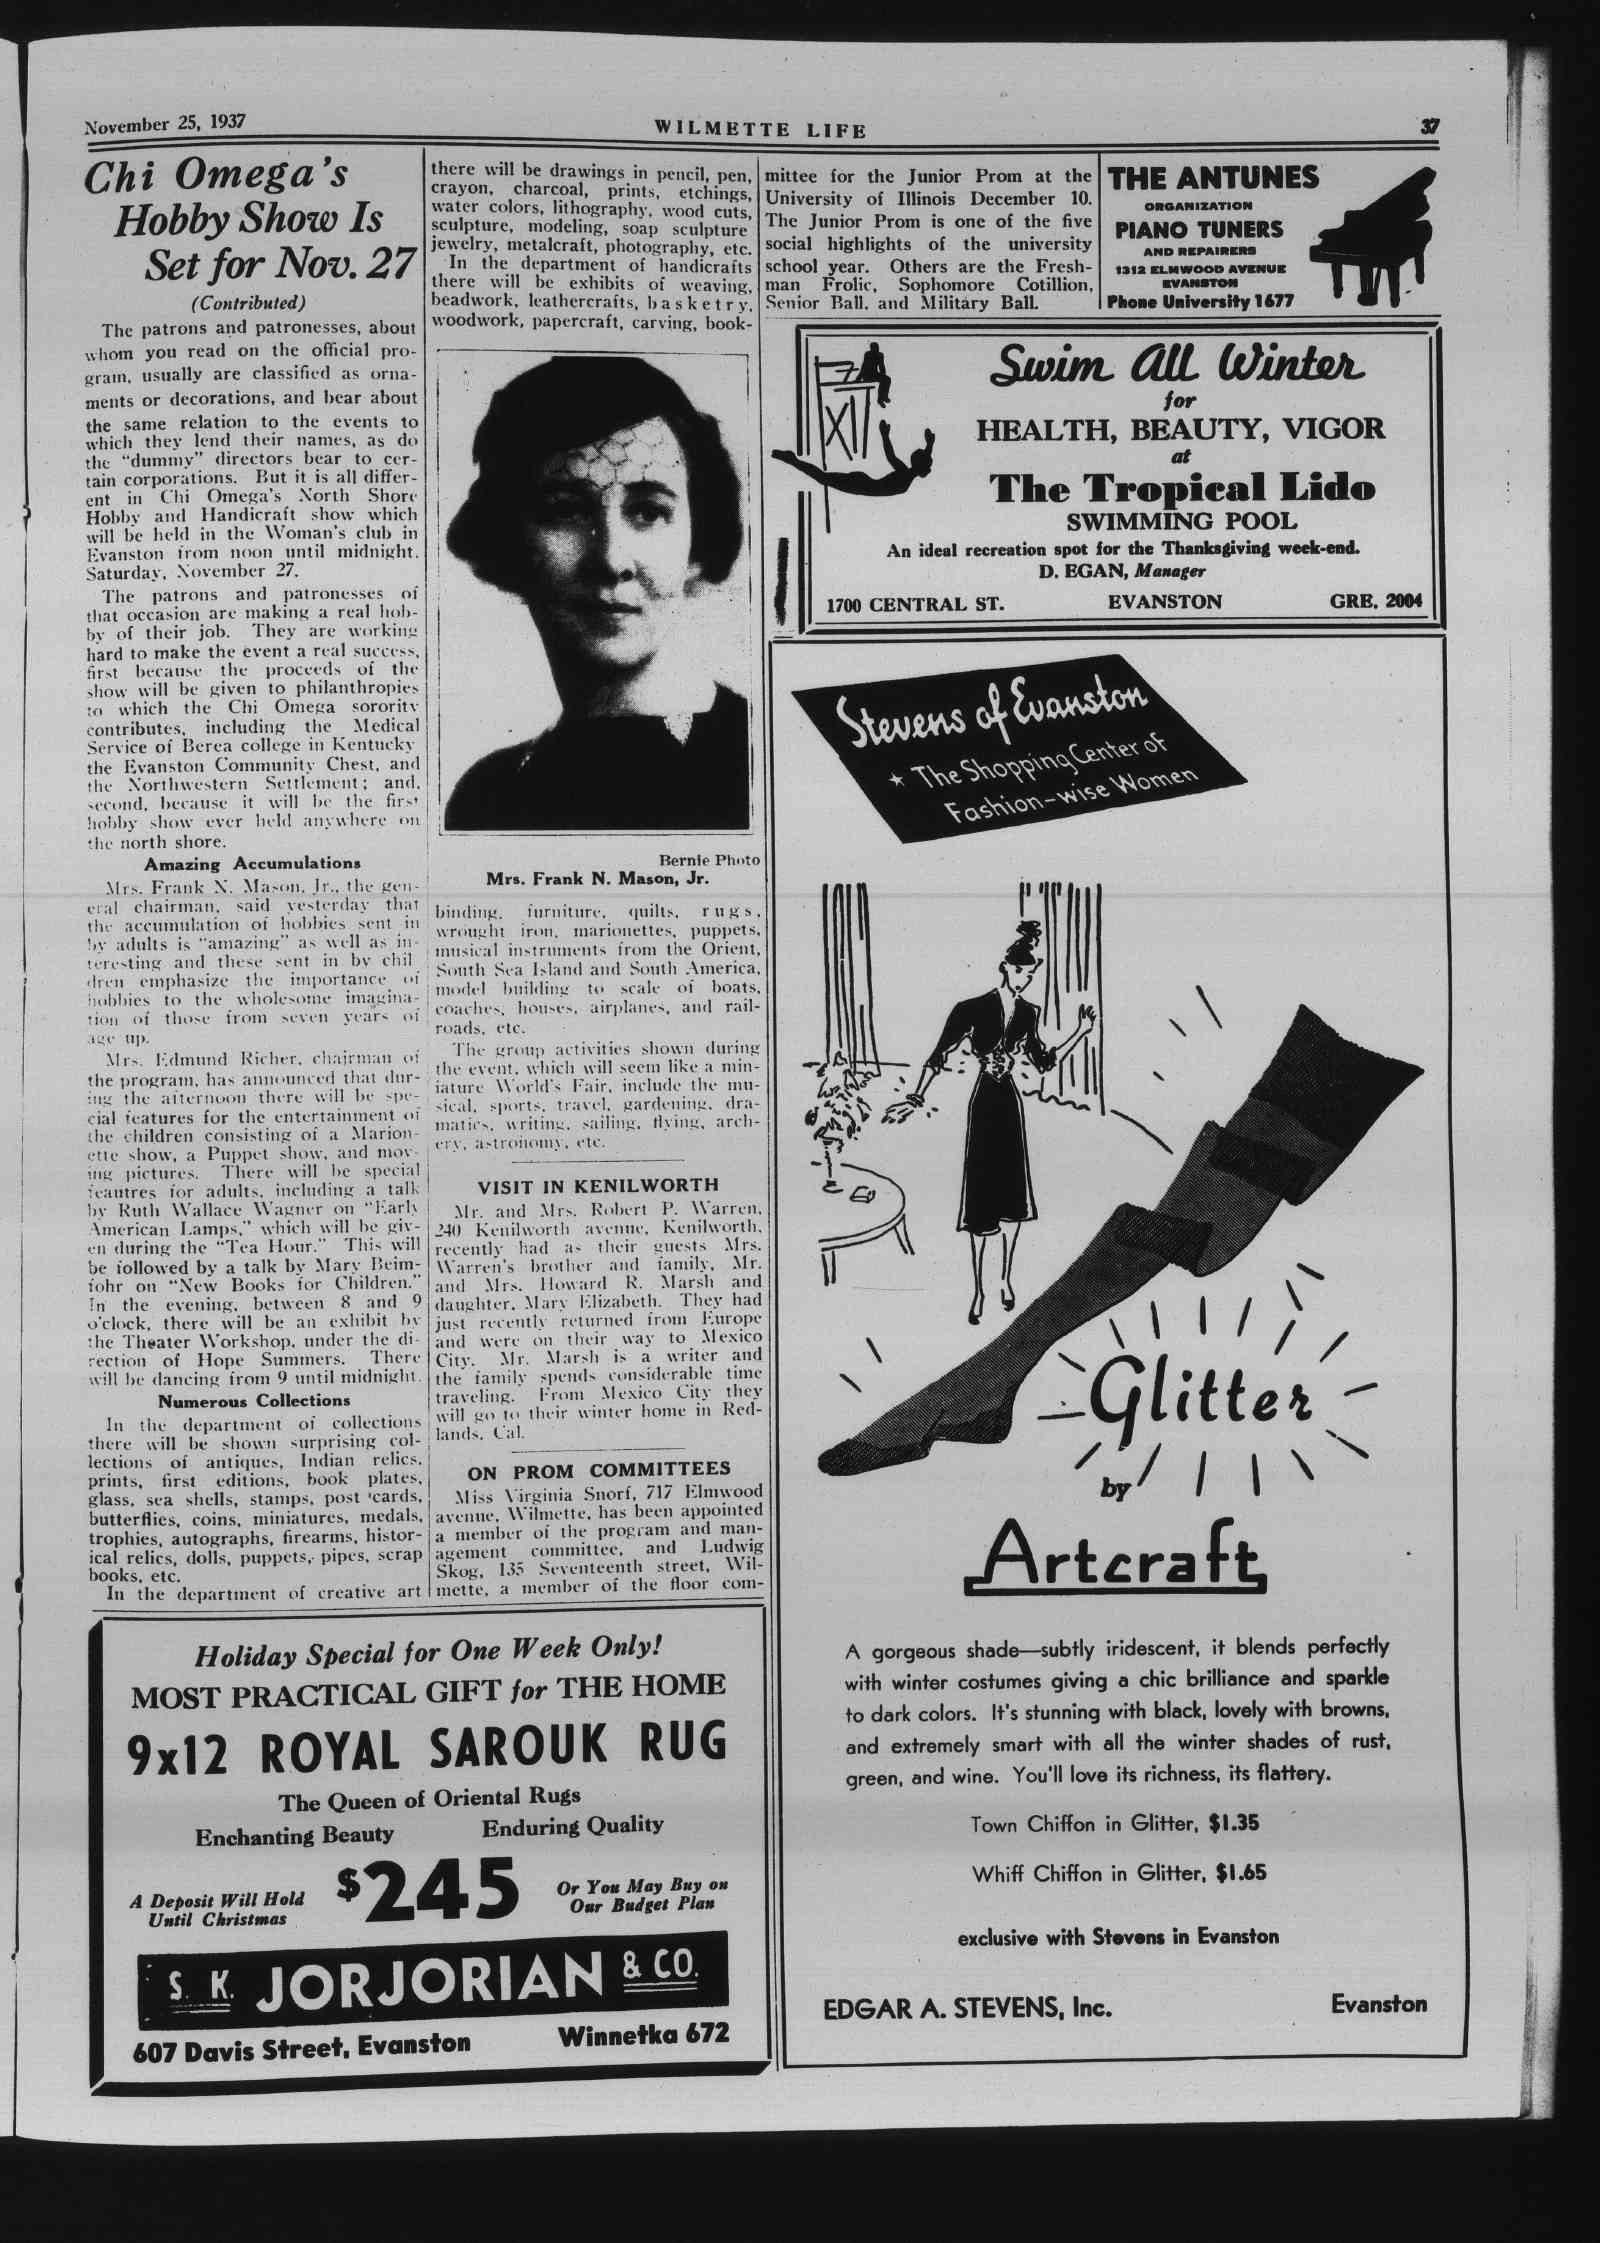 Wilmette Life (Wilmette, Illinois), 25 Nov 1937